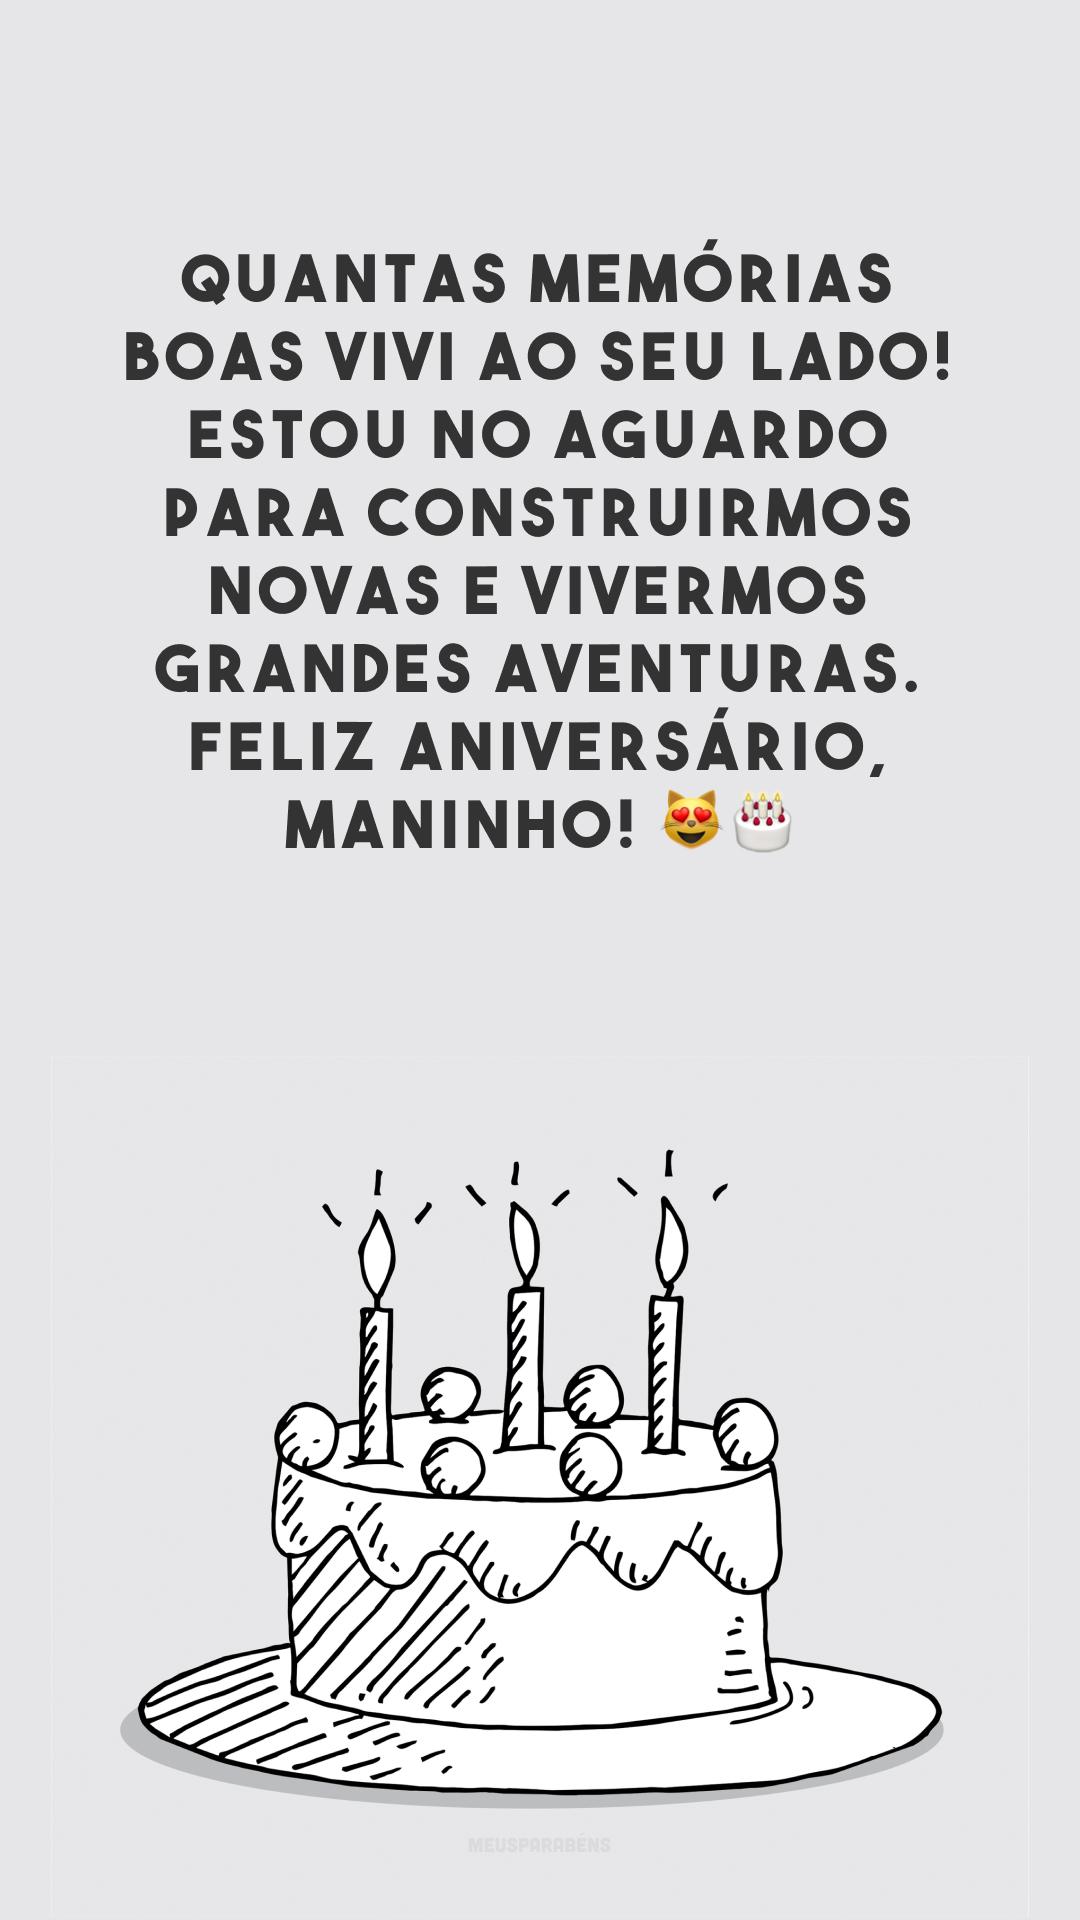 Quantas memórias boas vivi ao seu lado! Estou no aguardo para construirmos novas e vivermos grandes aventuras. Feliz aniversário, maninho! 😻🎂